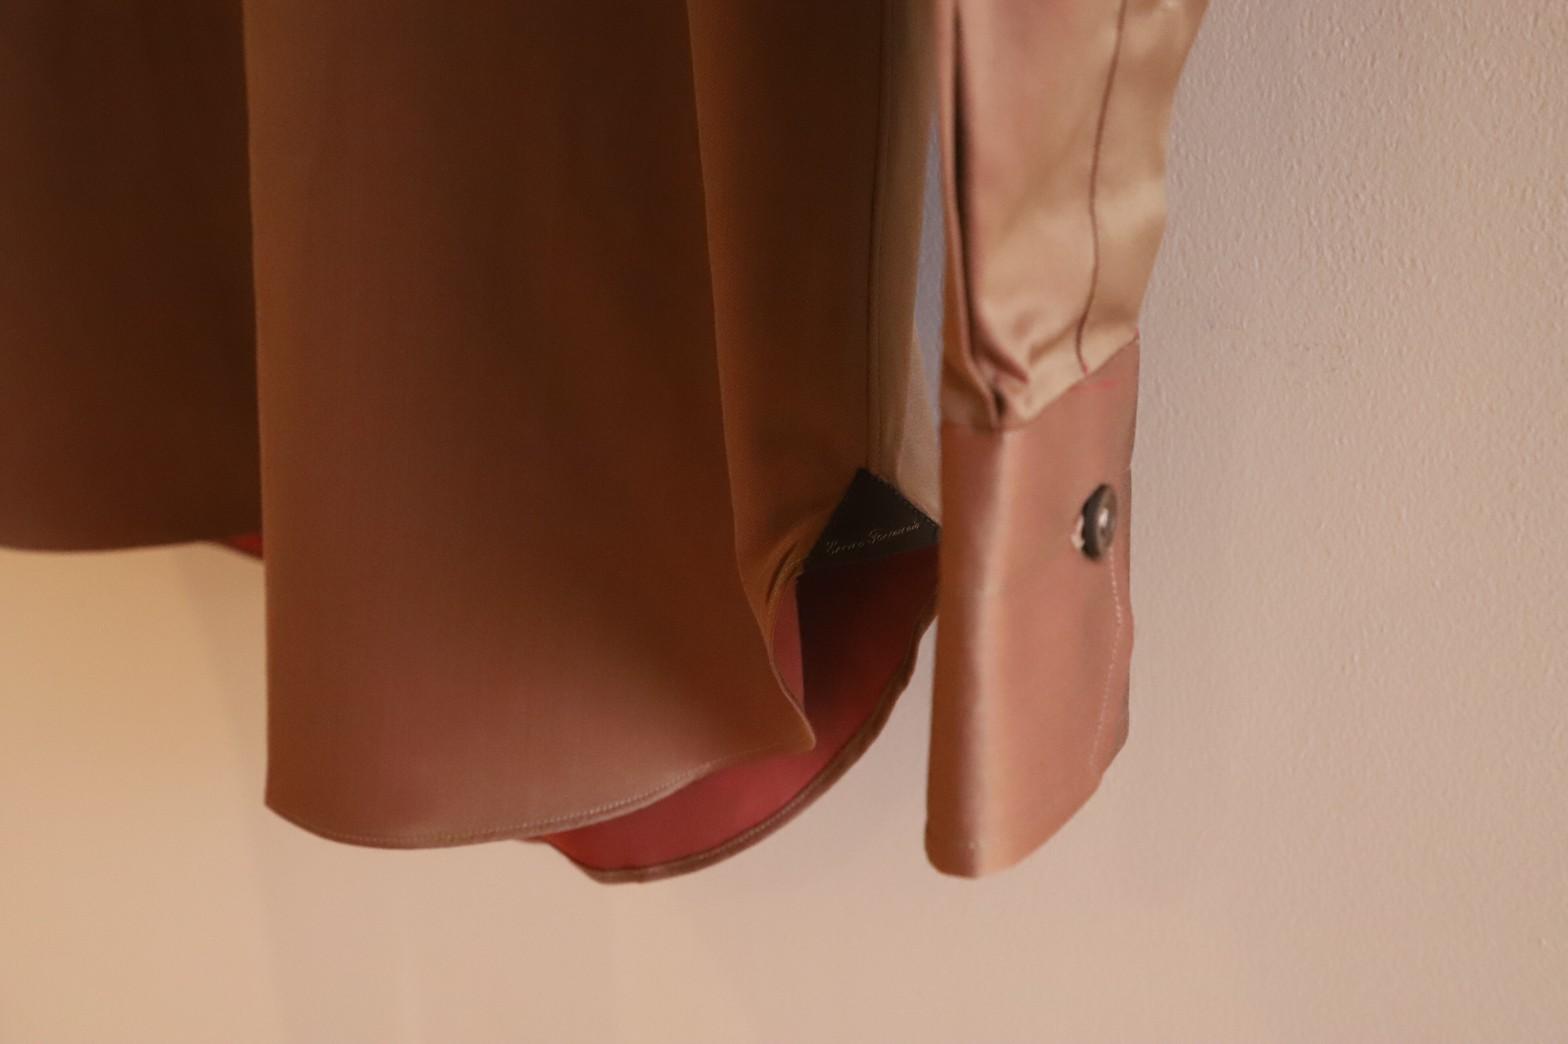 京都・御幸町にあるザ・トリート・ドレッシング・キョウト店でお取り扱いするイタリアブランド、エリコ フォルミコラ(ERRICO FORMICOLA)は正当なフォーマルスタイルに相応しいドレスシャツです。